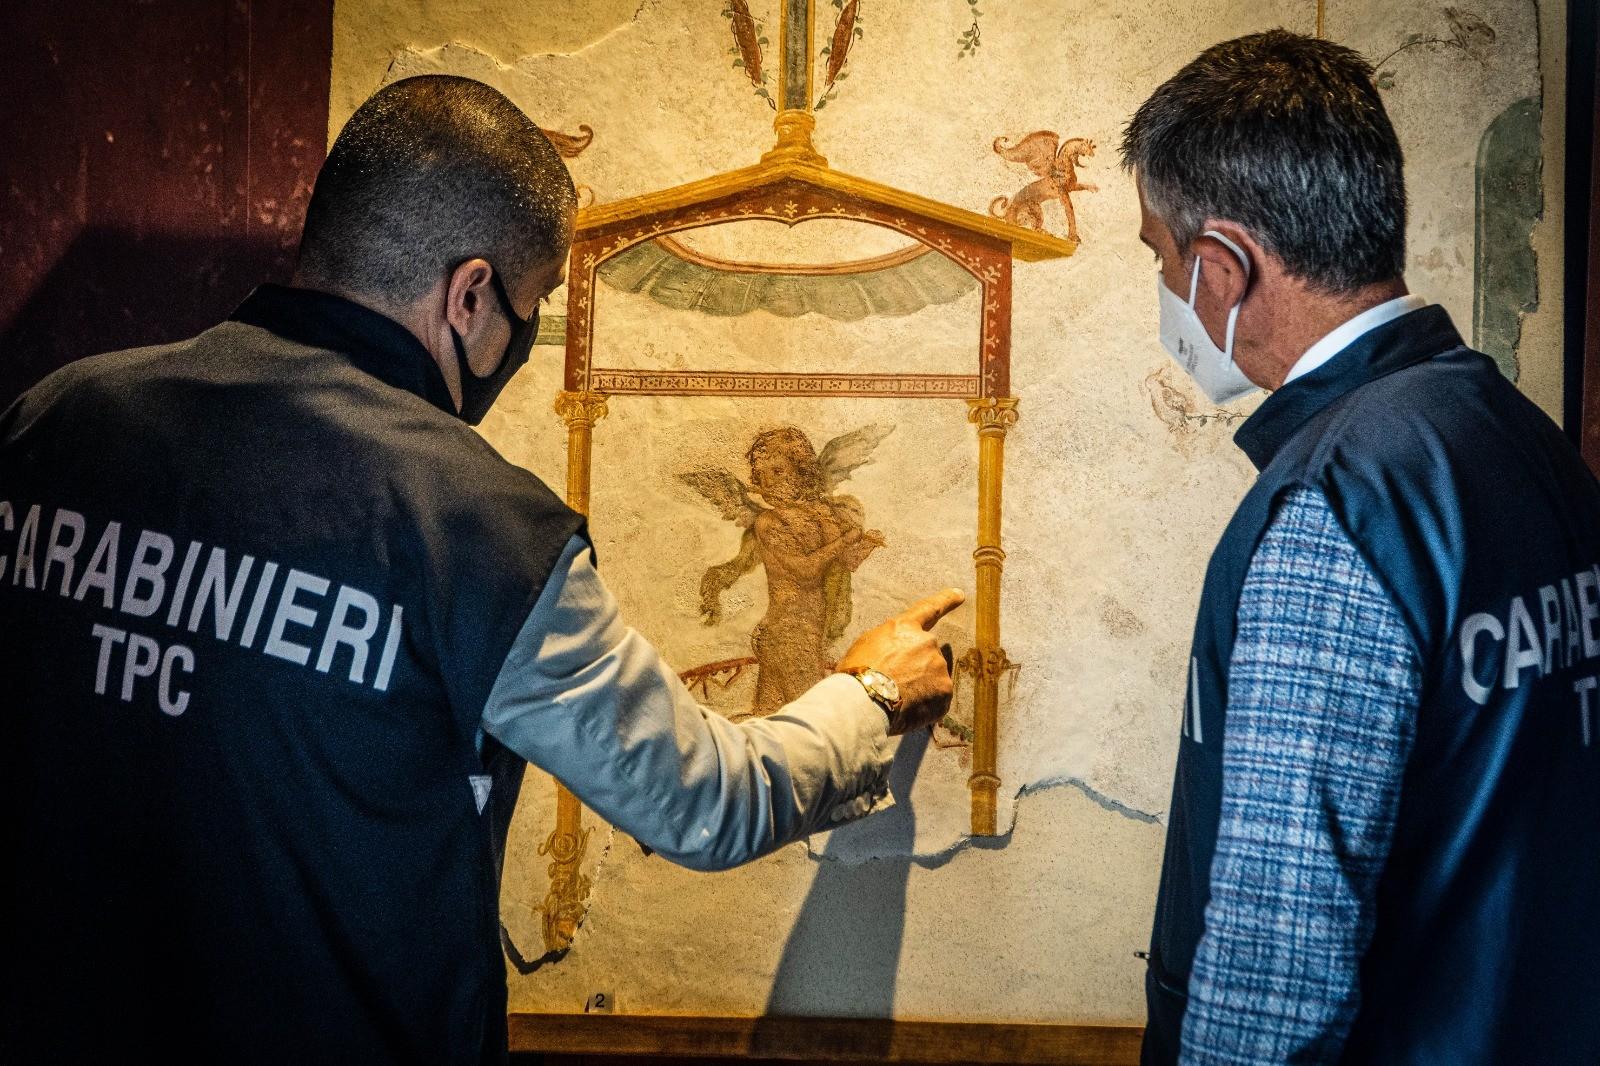 Acima, um dos afrescos recuperados pela polícia italiana em julho de 2020: um querubim nu tocando flauta (Foto: Pompeii Archeological Park)